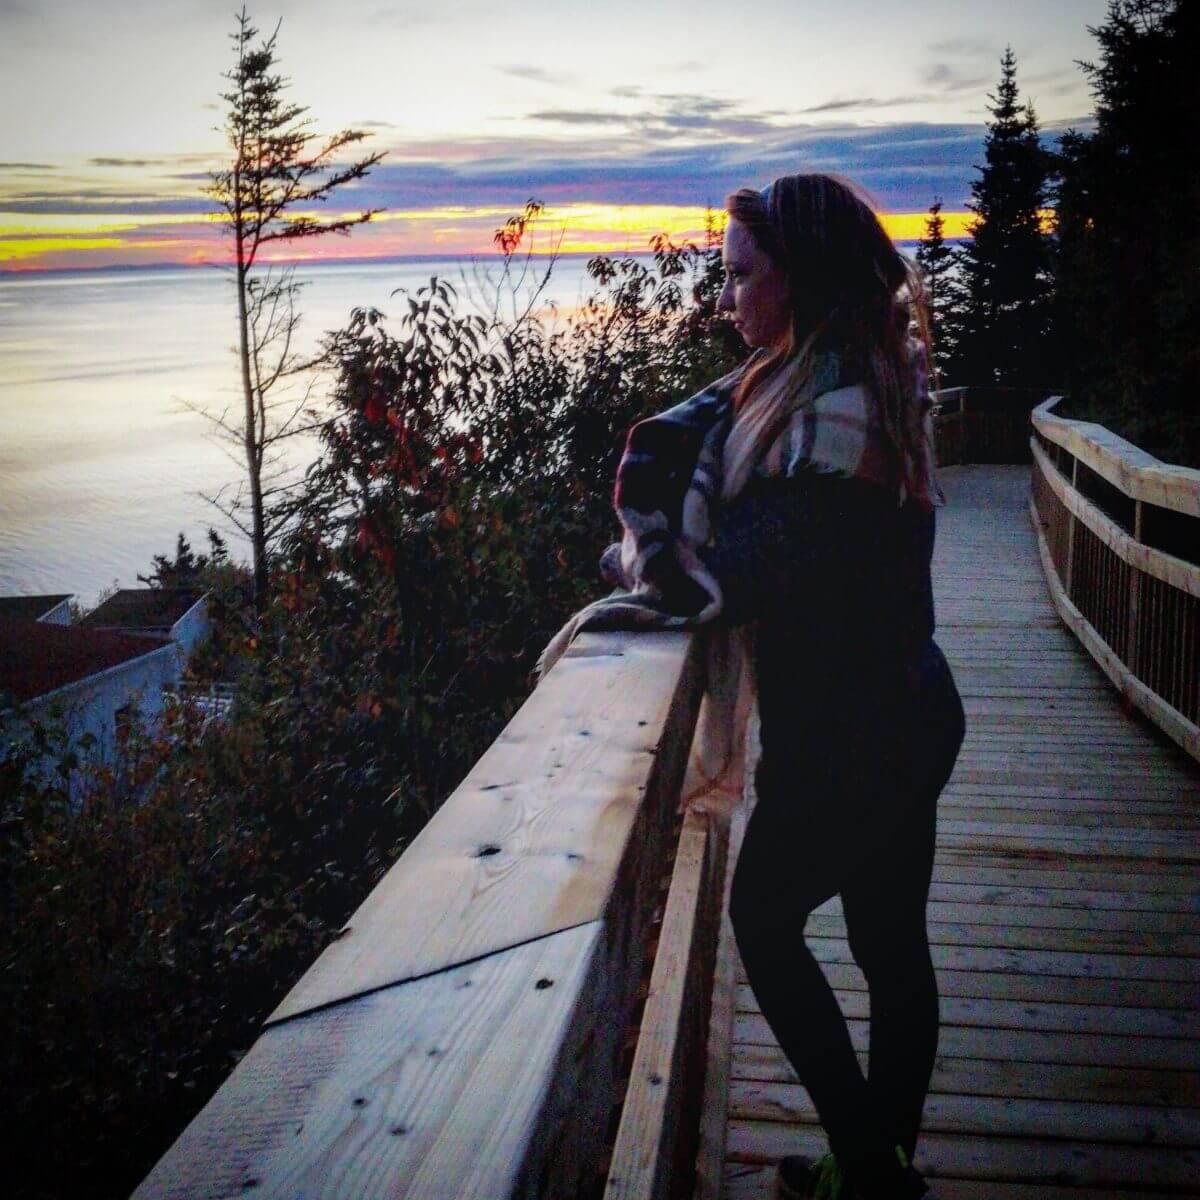 Baleine-Tadoussac-Canada-La revue de kathleen-Blog-Lifestyle-voyage-Paris